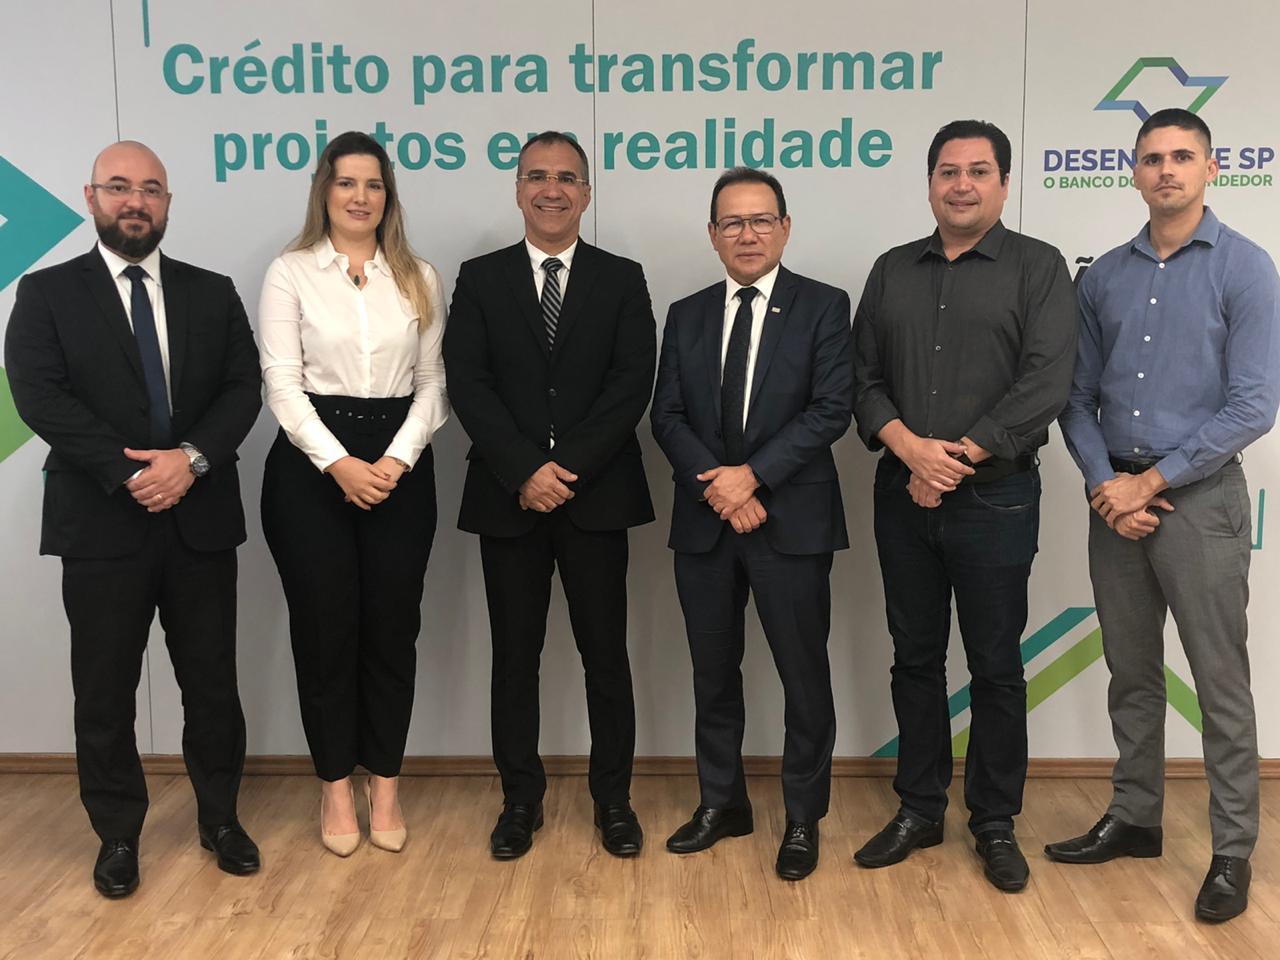 Adece busca novos conhecimentos em São Paulo voltados para o desenvolvimento econômico